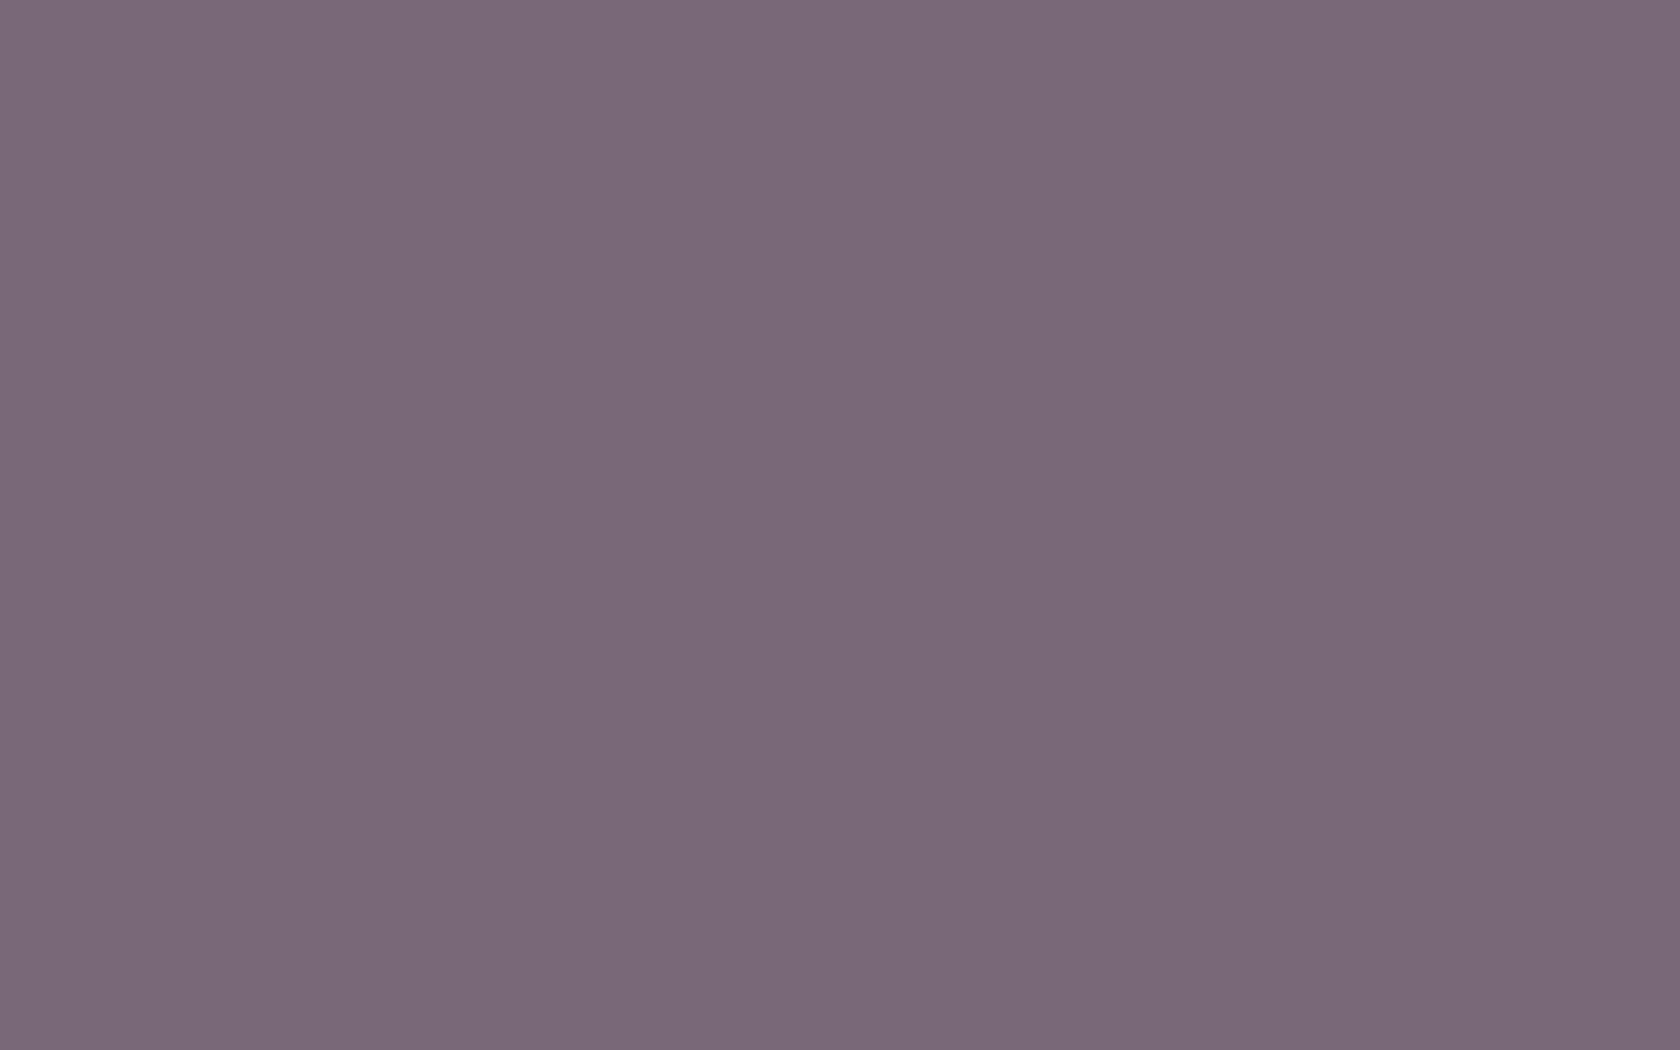 1680x1050 Old Lavender Solid Color Background